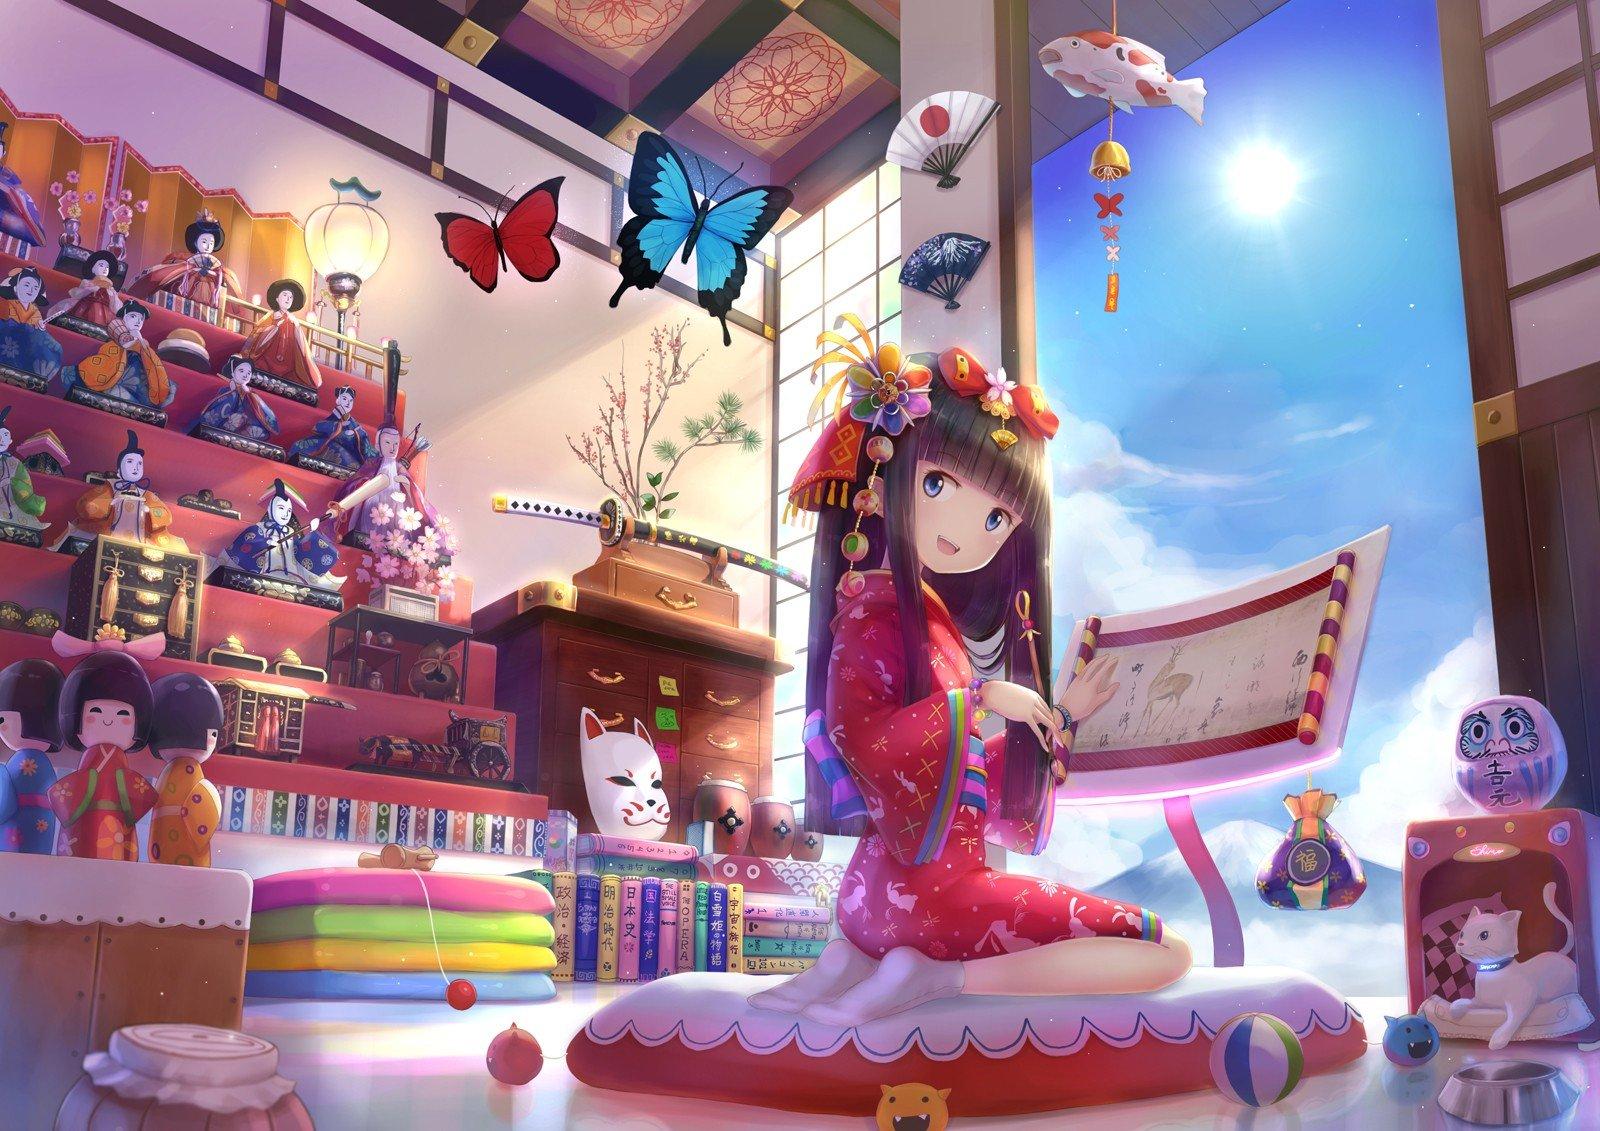 long hair, Blue eyes, Anime, Anime girls, Black hair, Hair ornament, Smiling Wallpaper